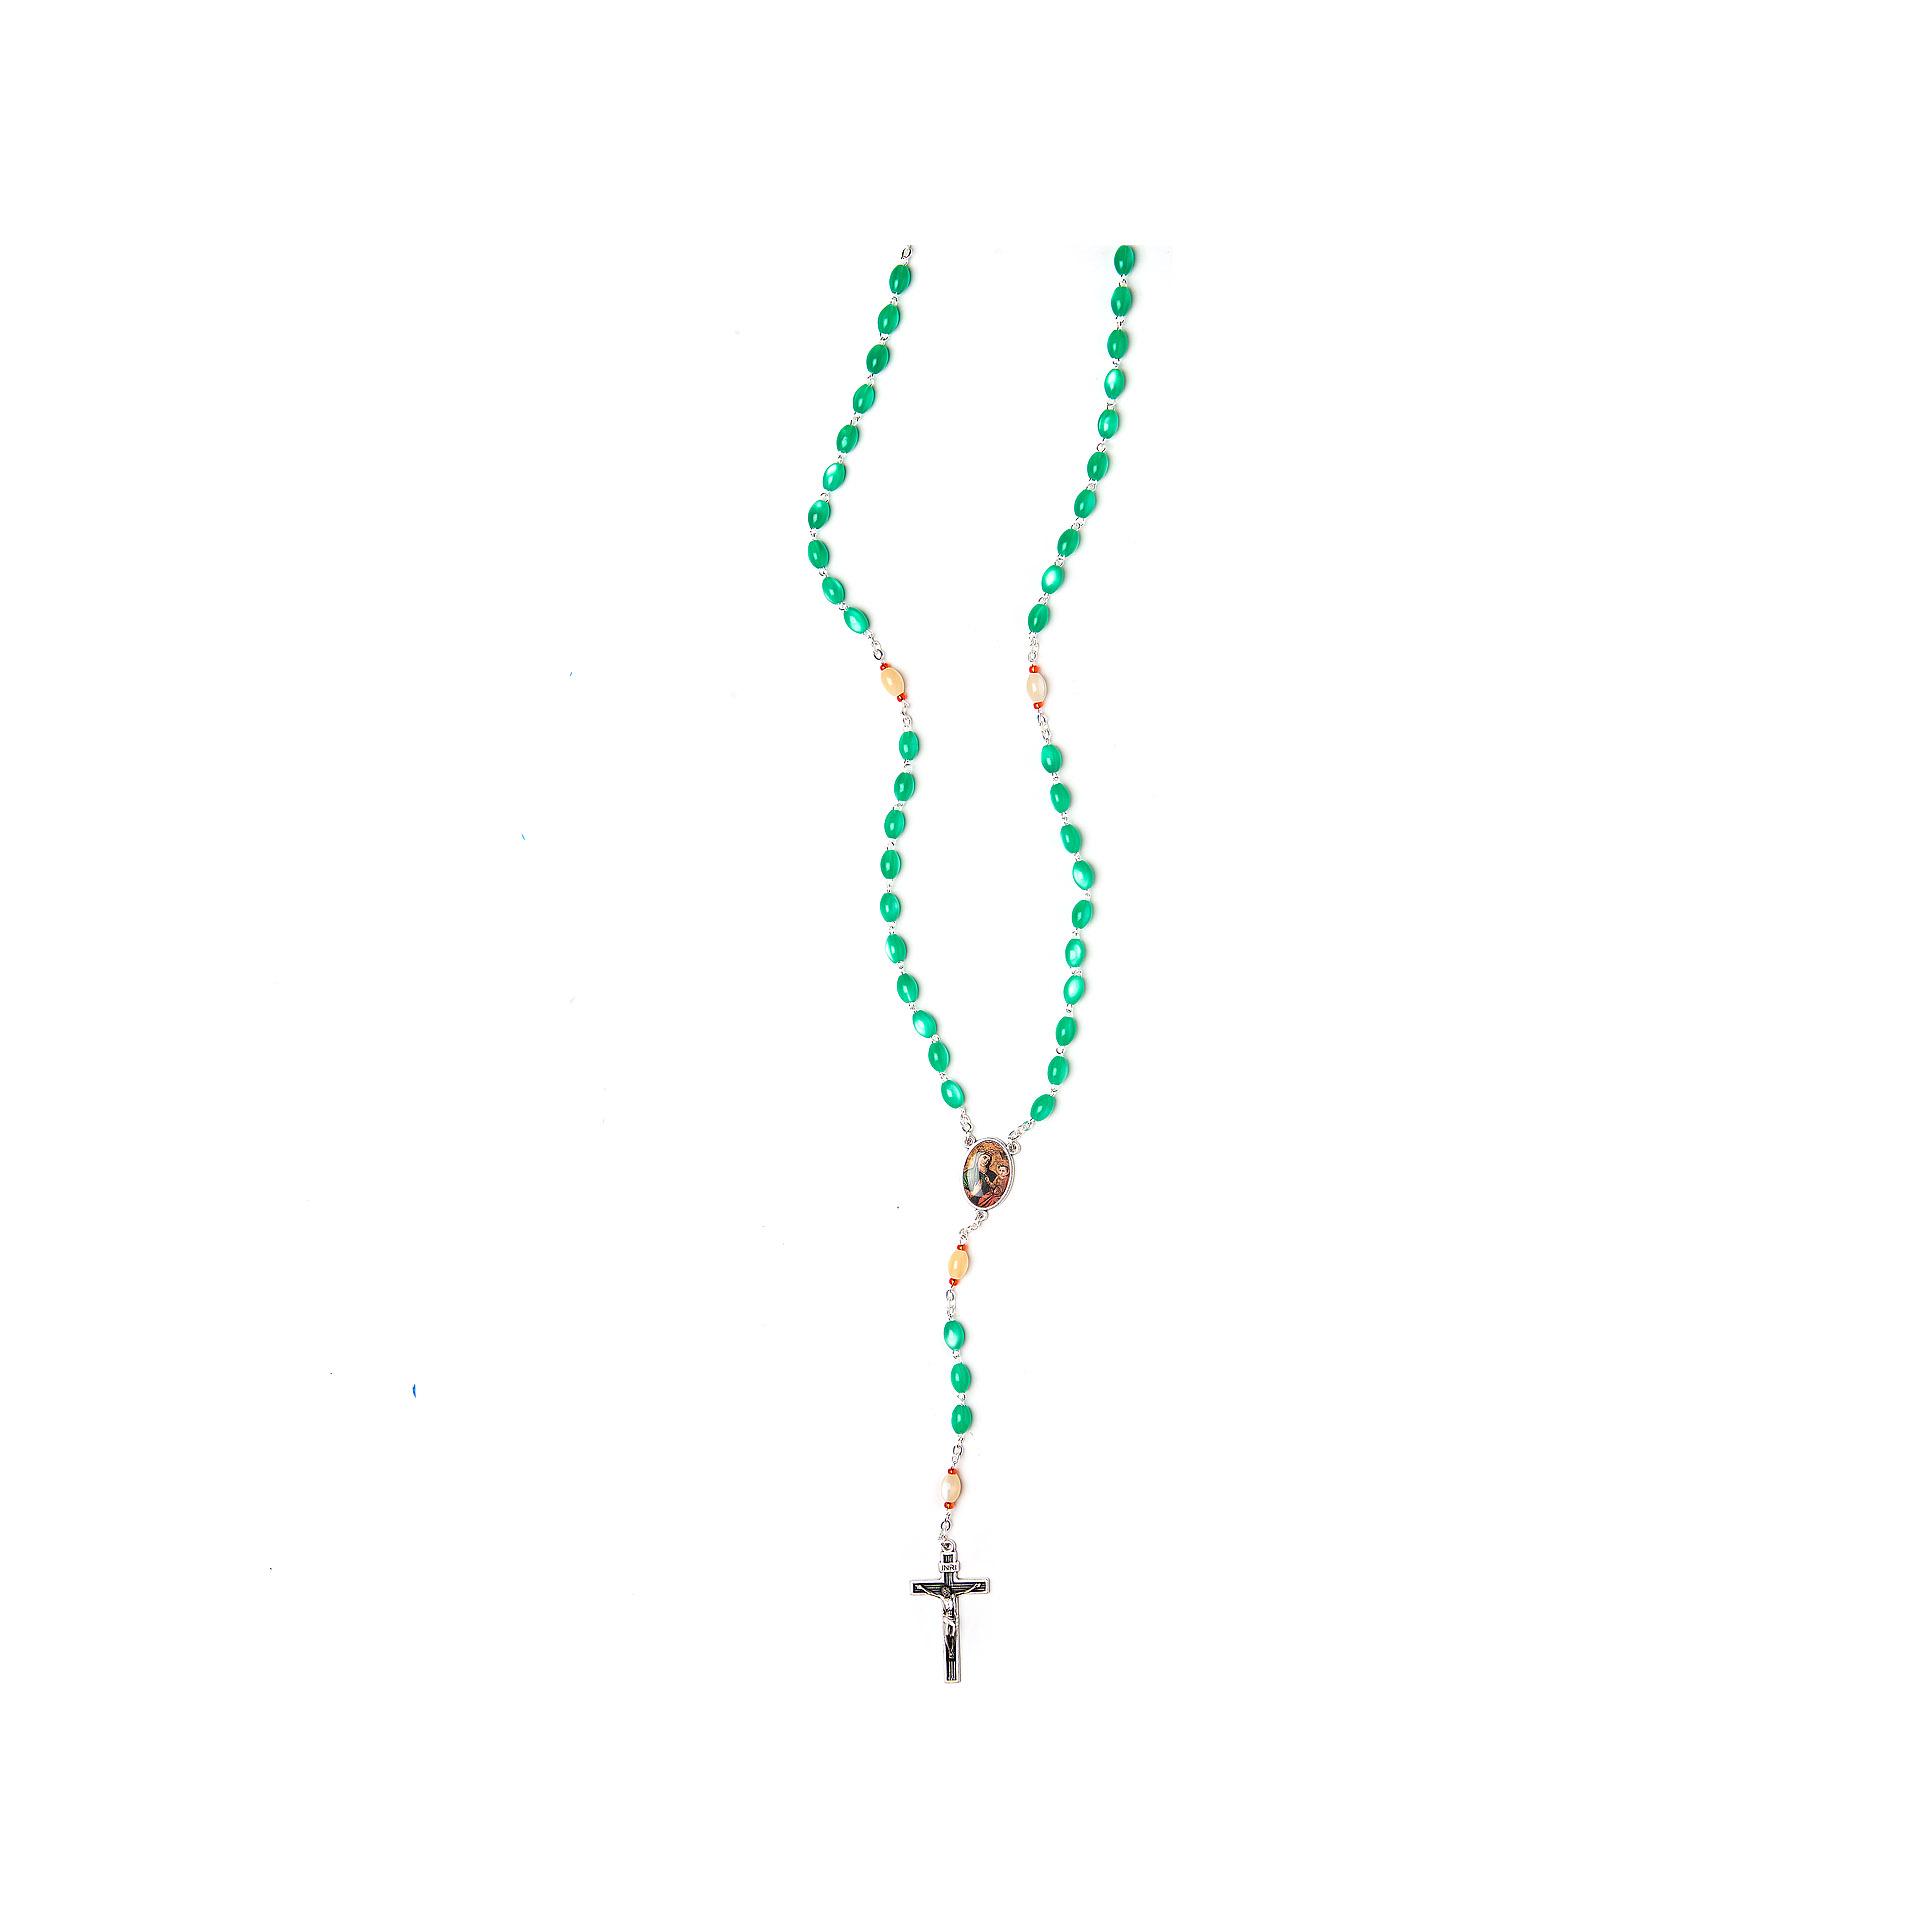 Rosario devozionale alla Madonna della Salute grano mm.6